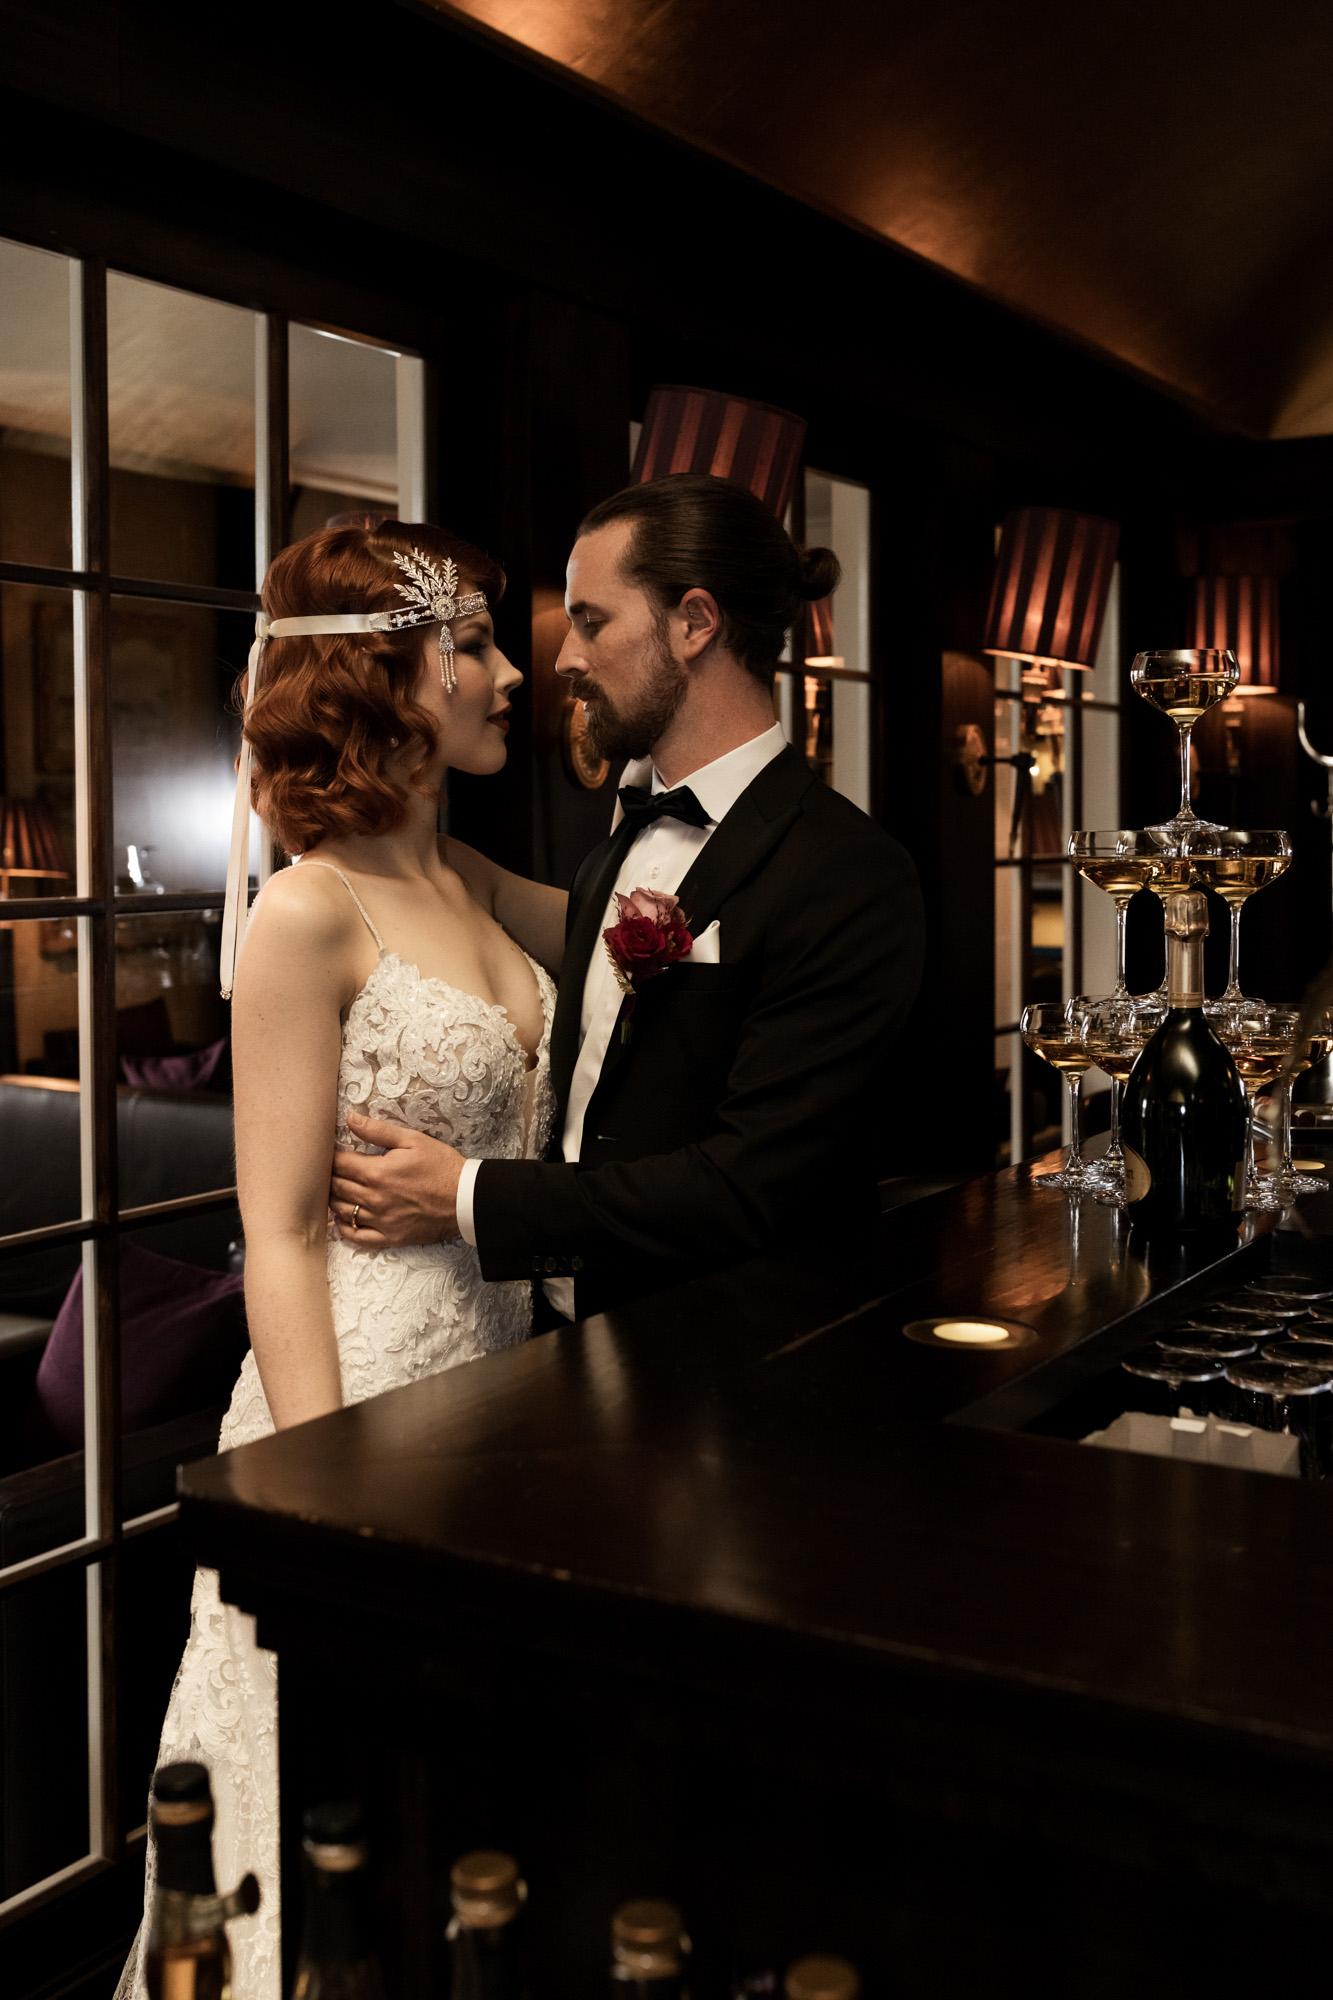 Hochzeit im Grand Hotel Les Trois Rois Basel - Die Braut trifft den Bräutigam in der Zigarren Lounge